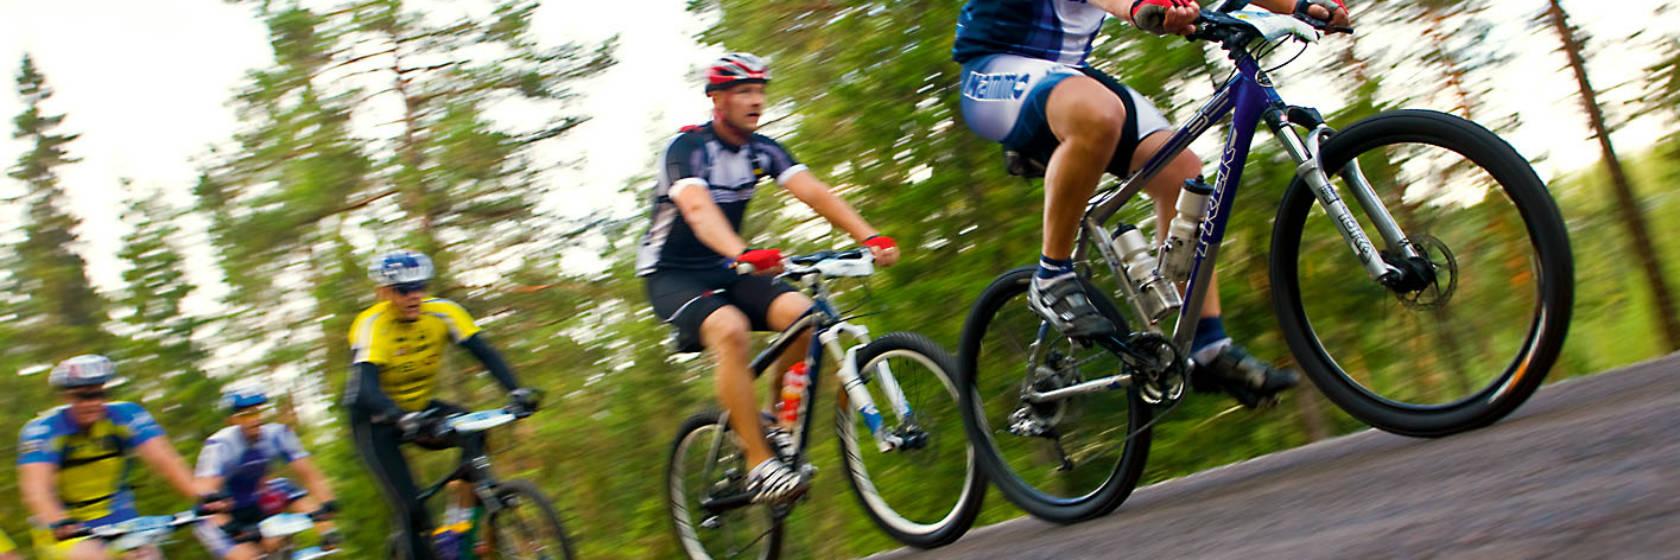 Cyklister på vägen under Mora sommarvecka